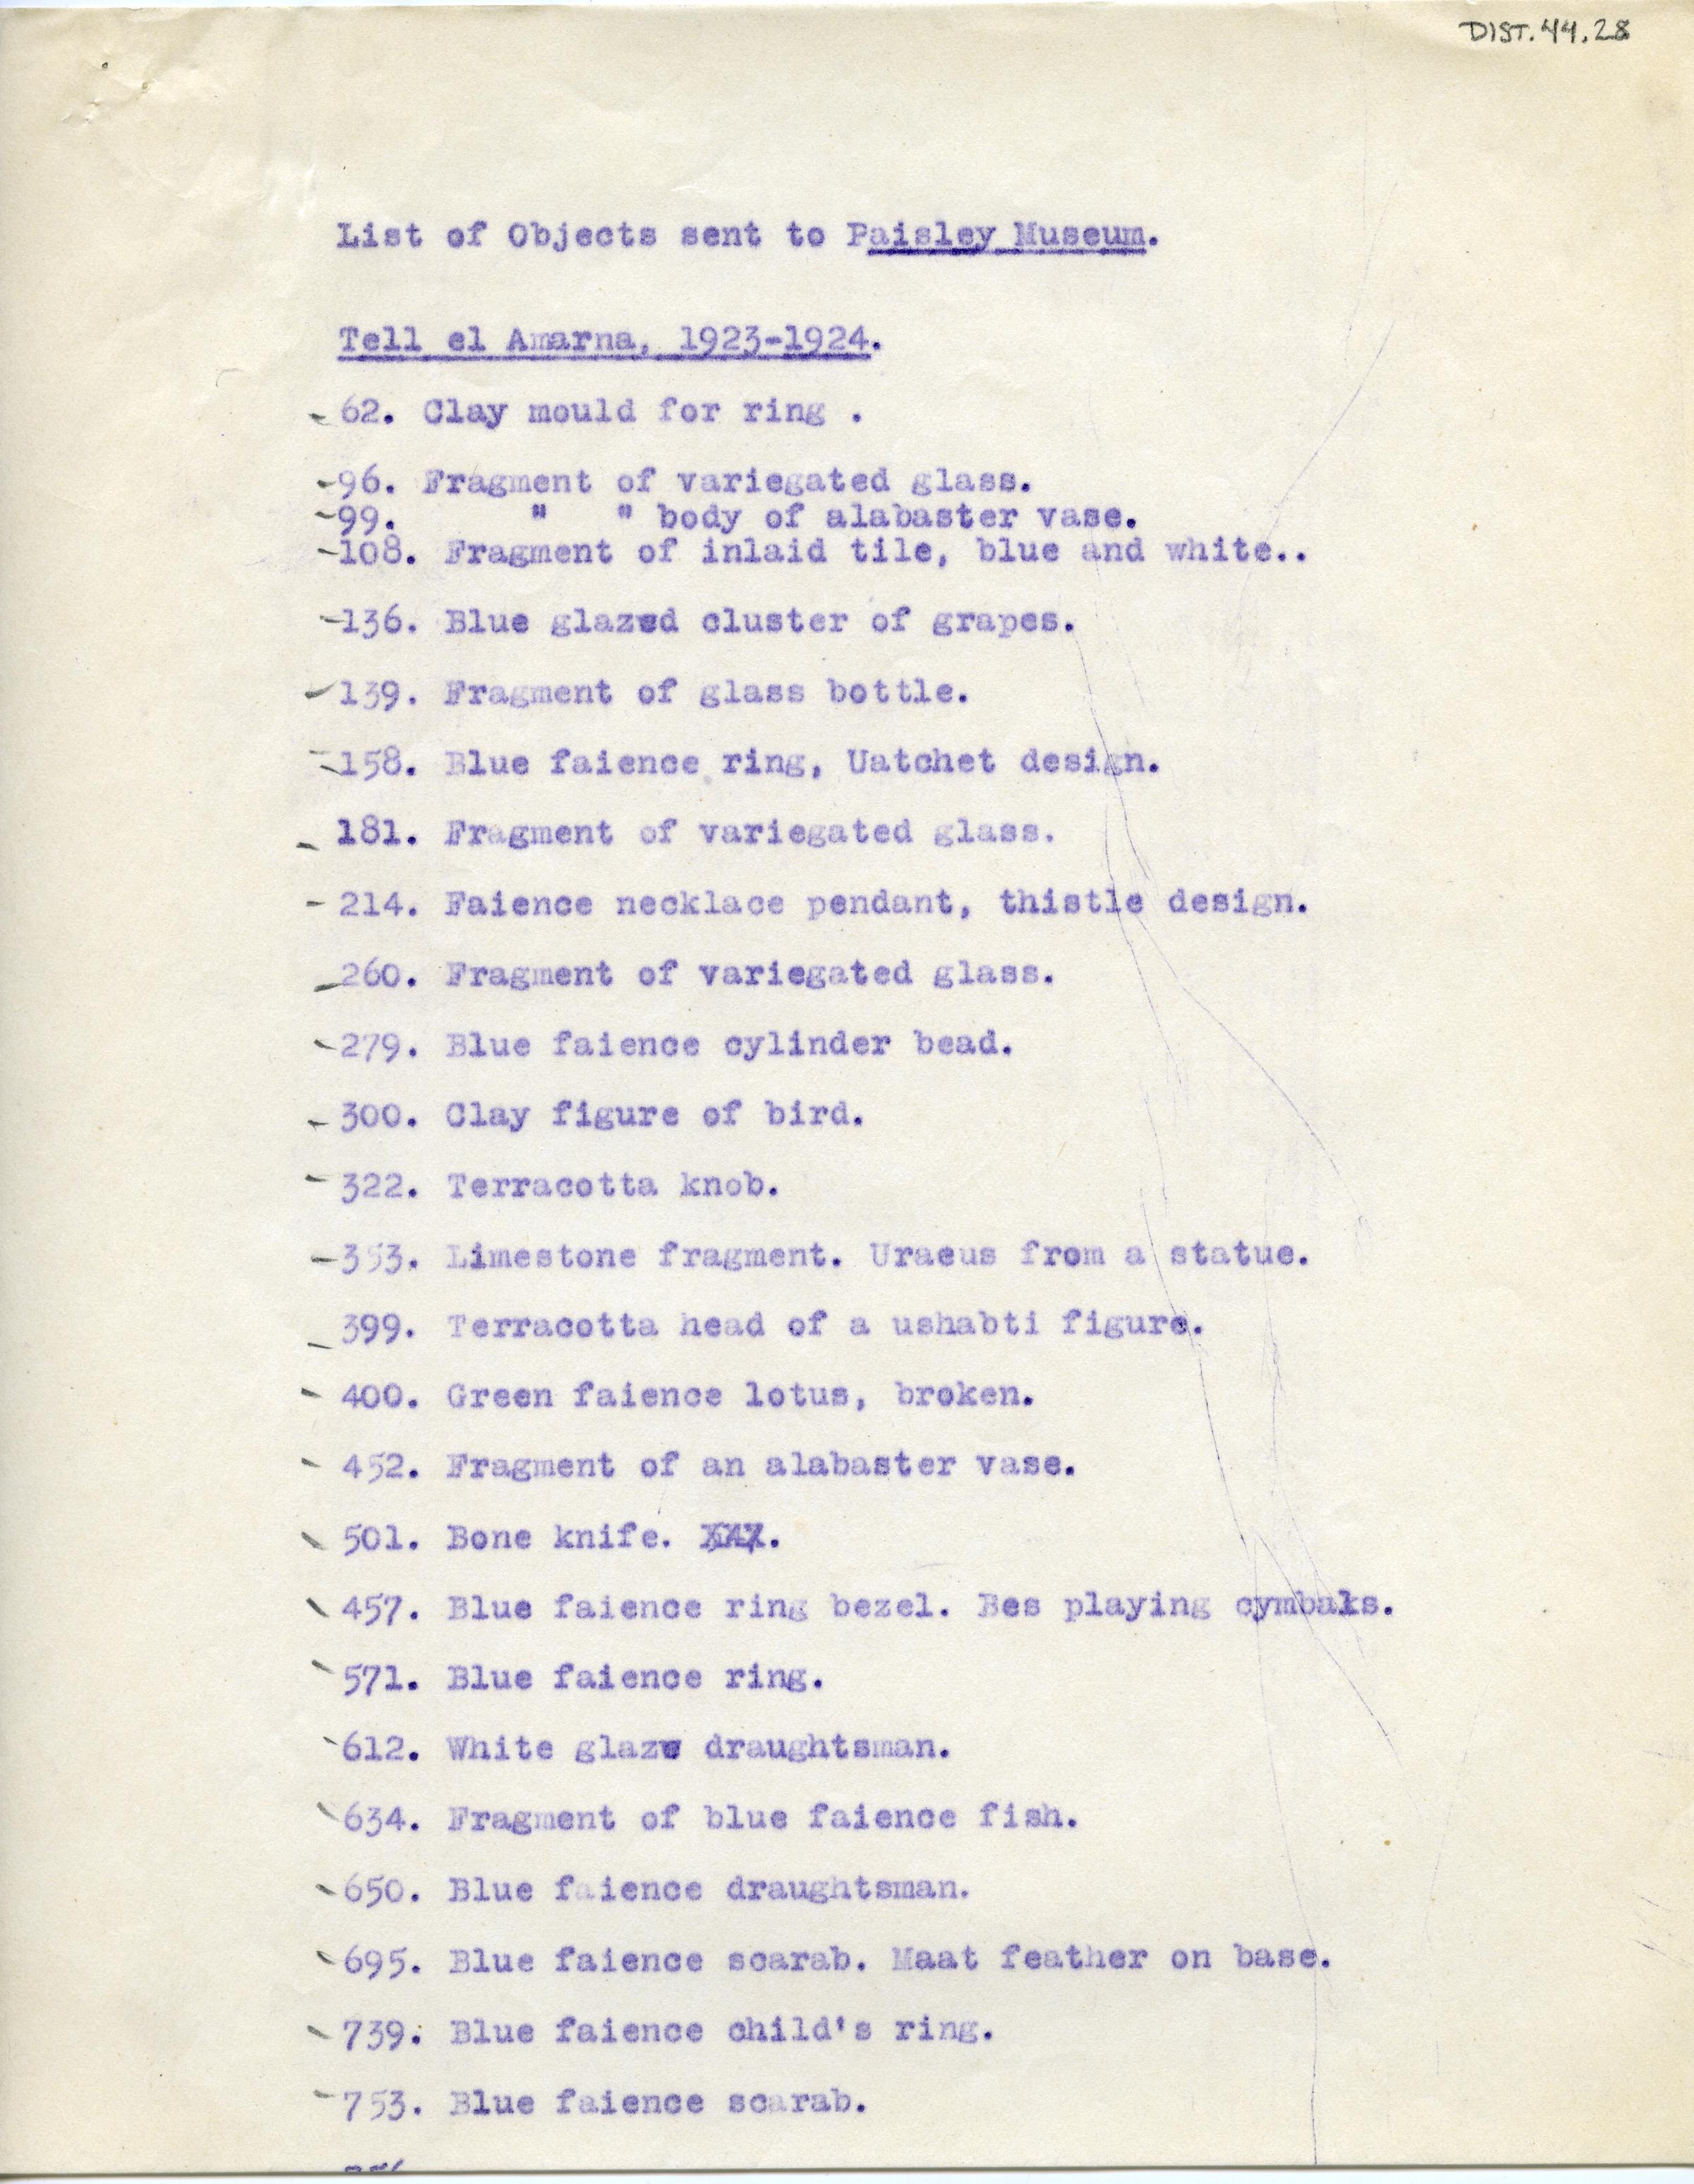 1923-25 el-Amarna DIST.44.28a